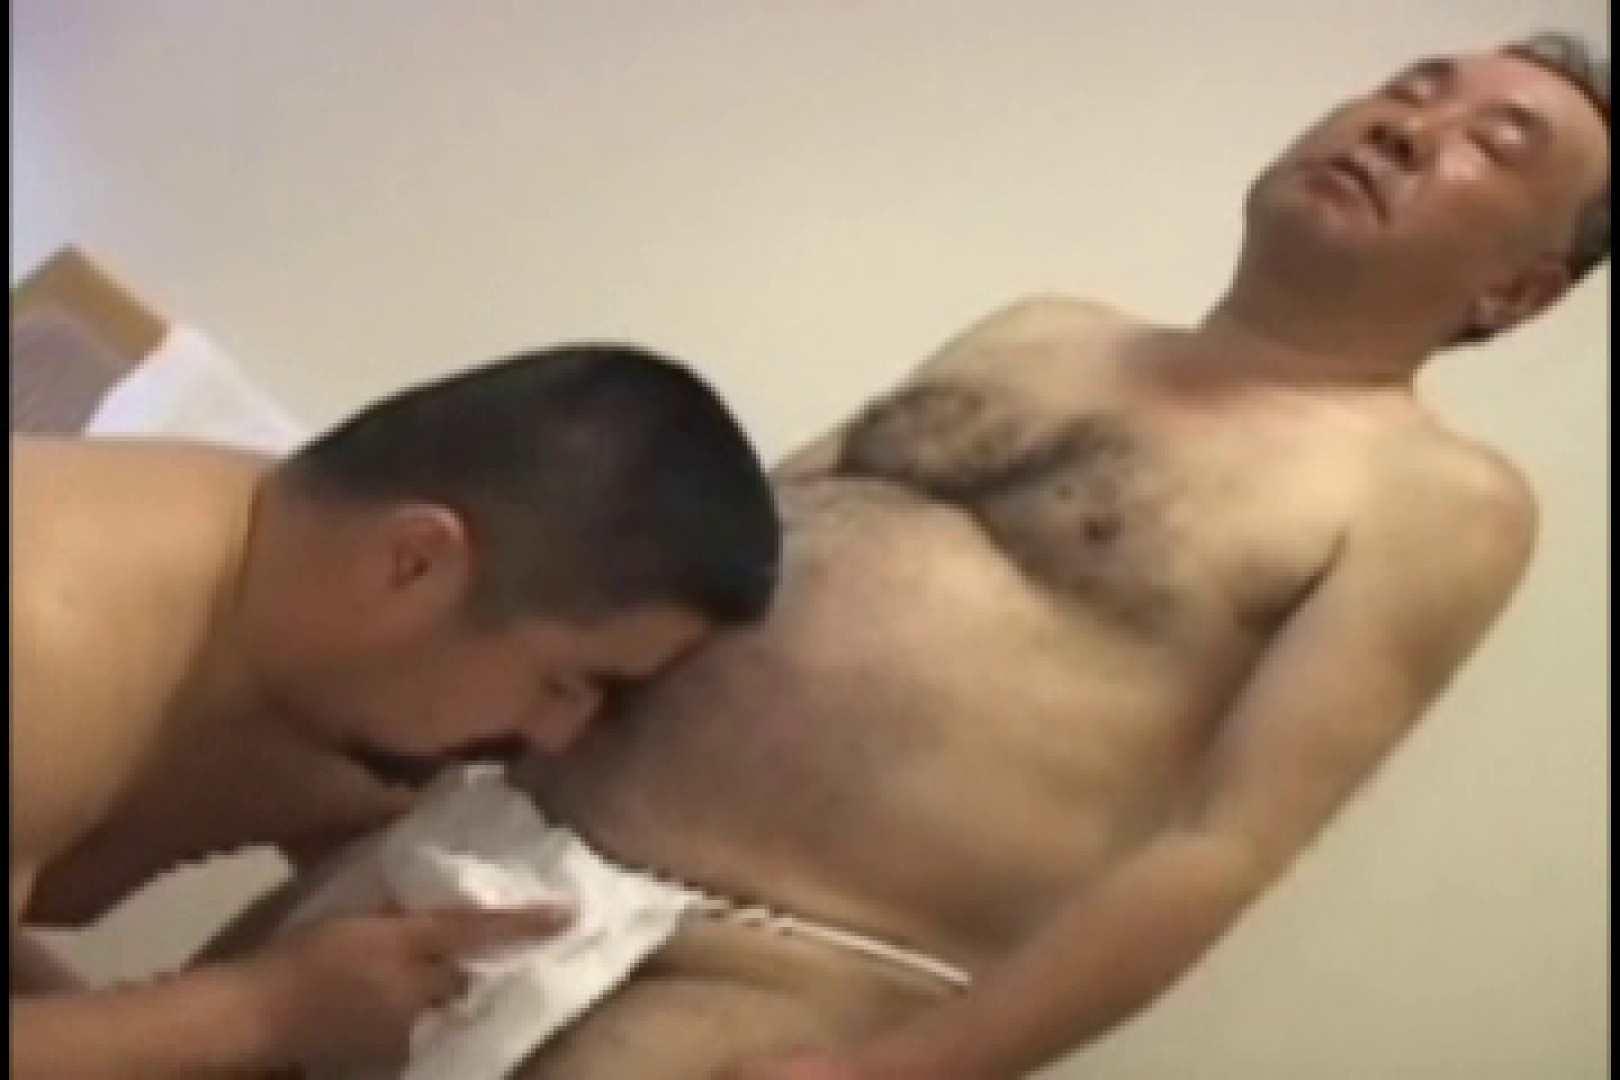 剛毛旦那のアナルレクチャー vol.01 ノンケ達のセックス Guyエロ画像 89画像 4